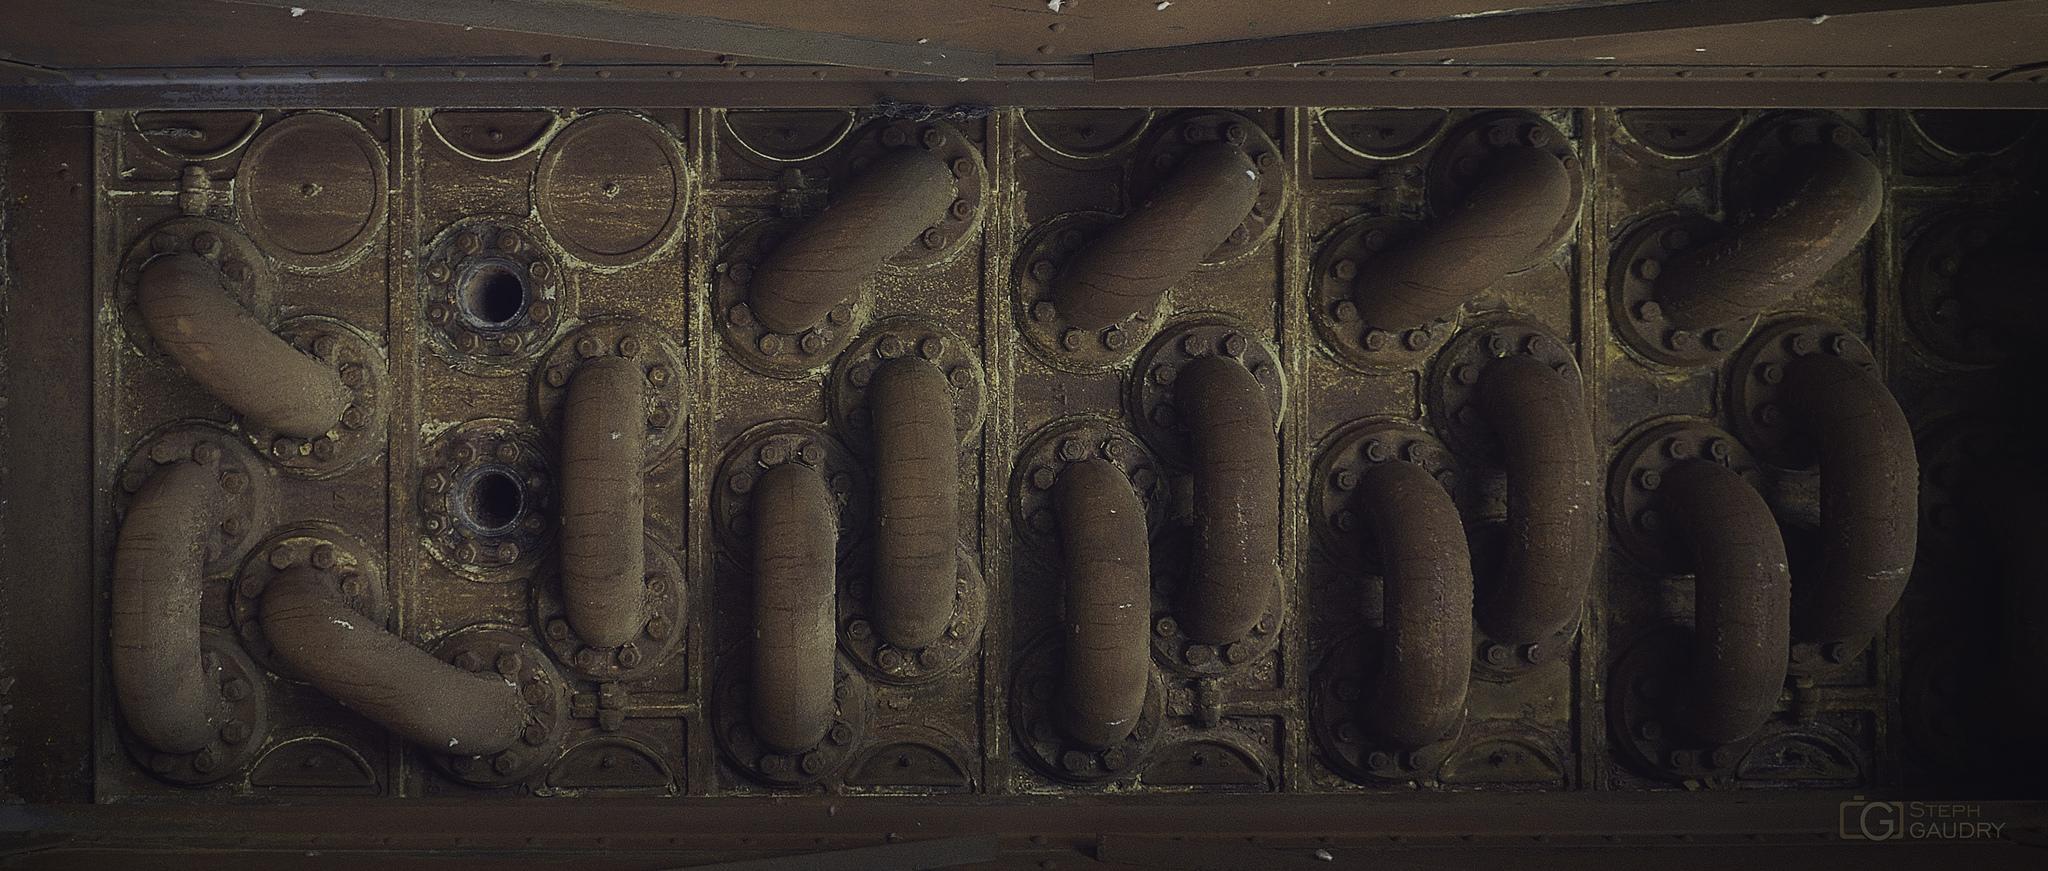 Rusted worms [Cliquez pour lancer le diaporama]